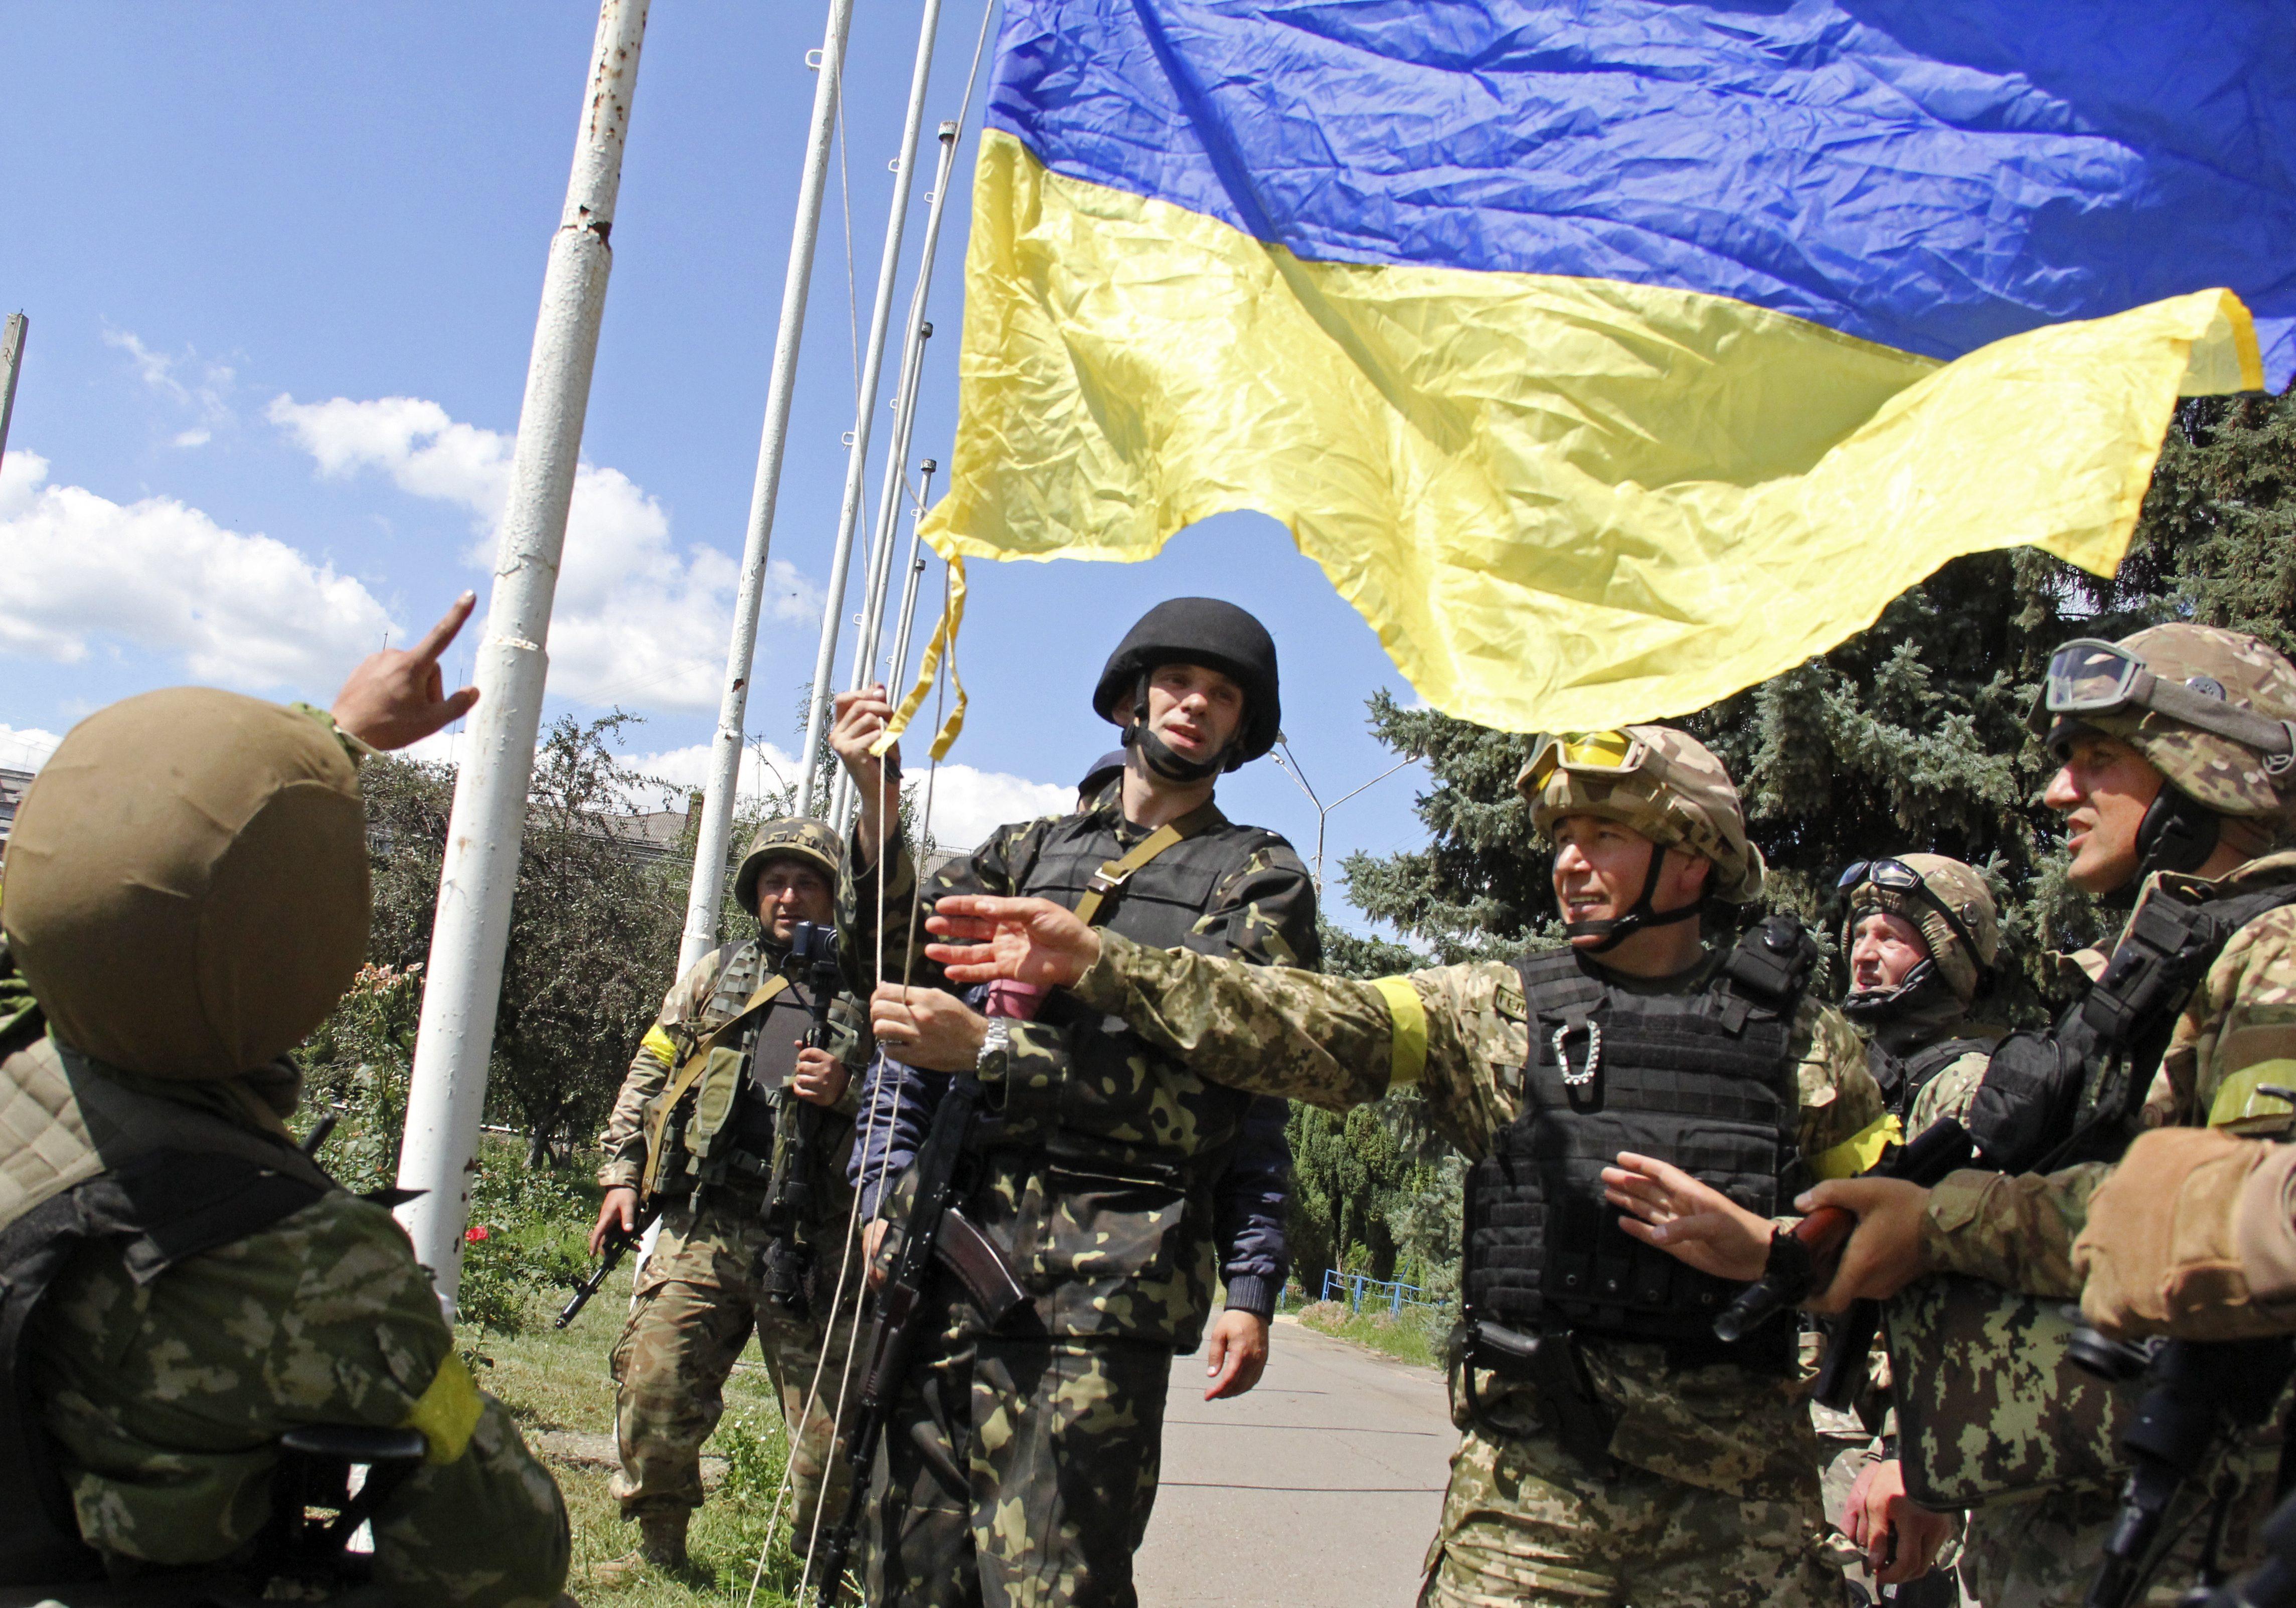 Războiul-din-Donbass-a-provocat-peste-10-mii-de-morți